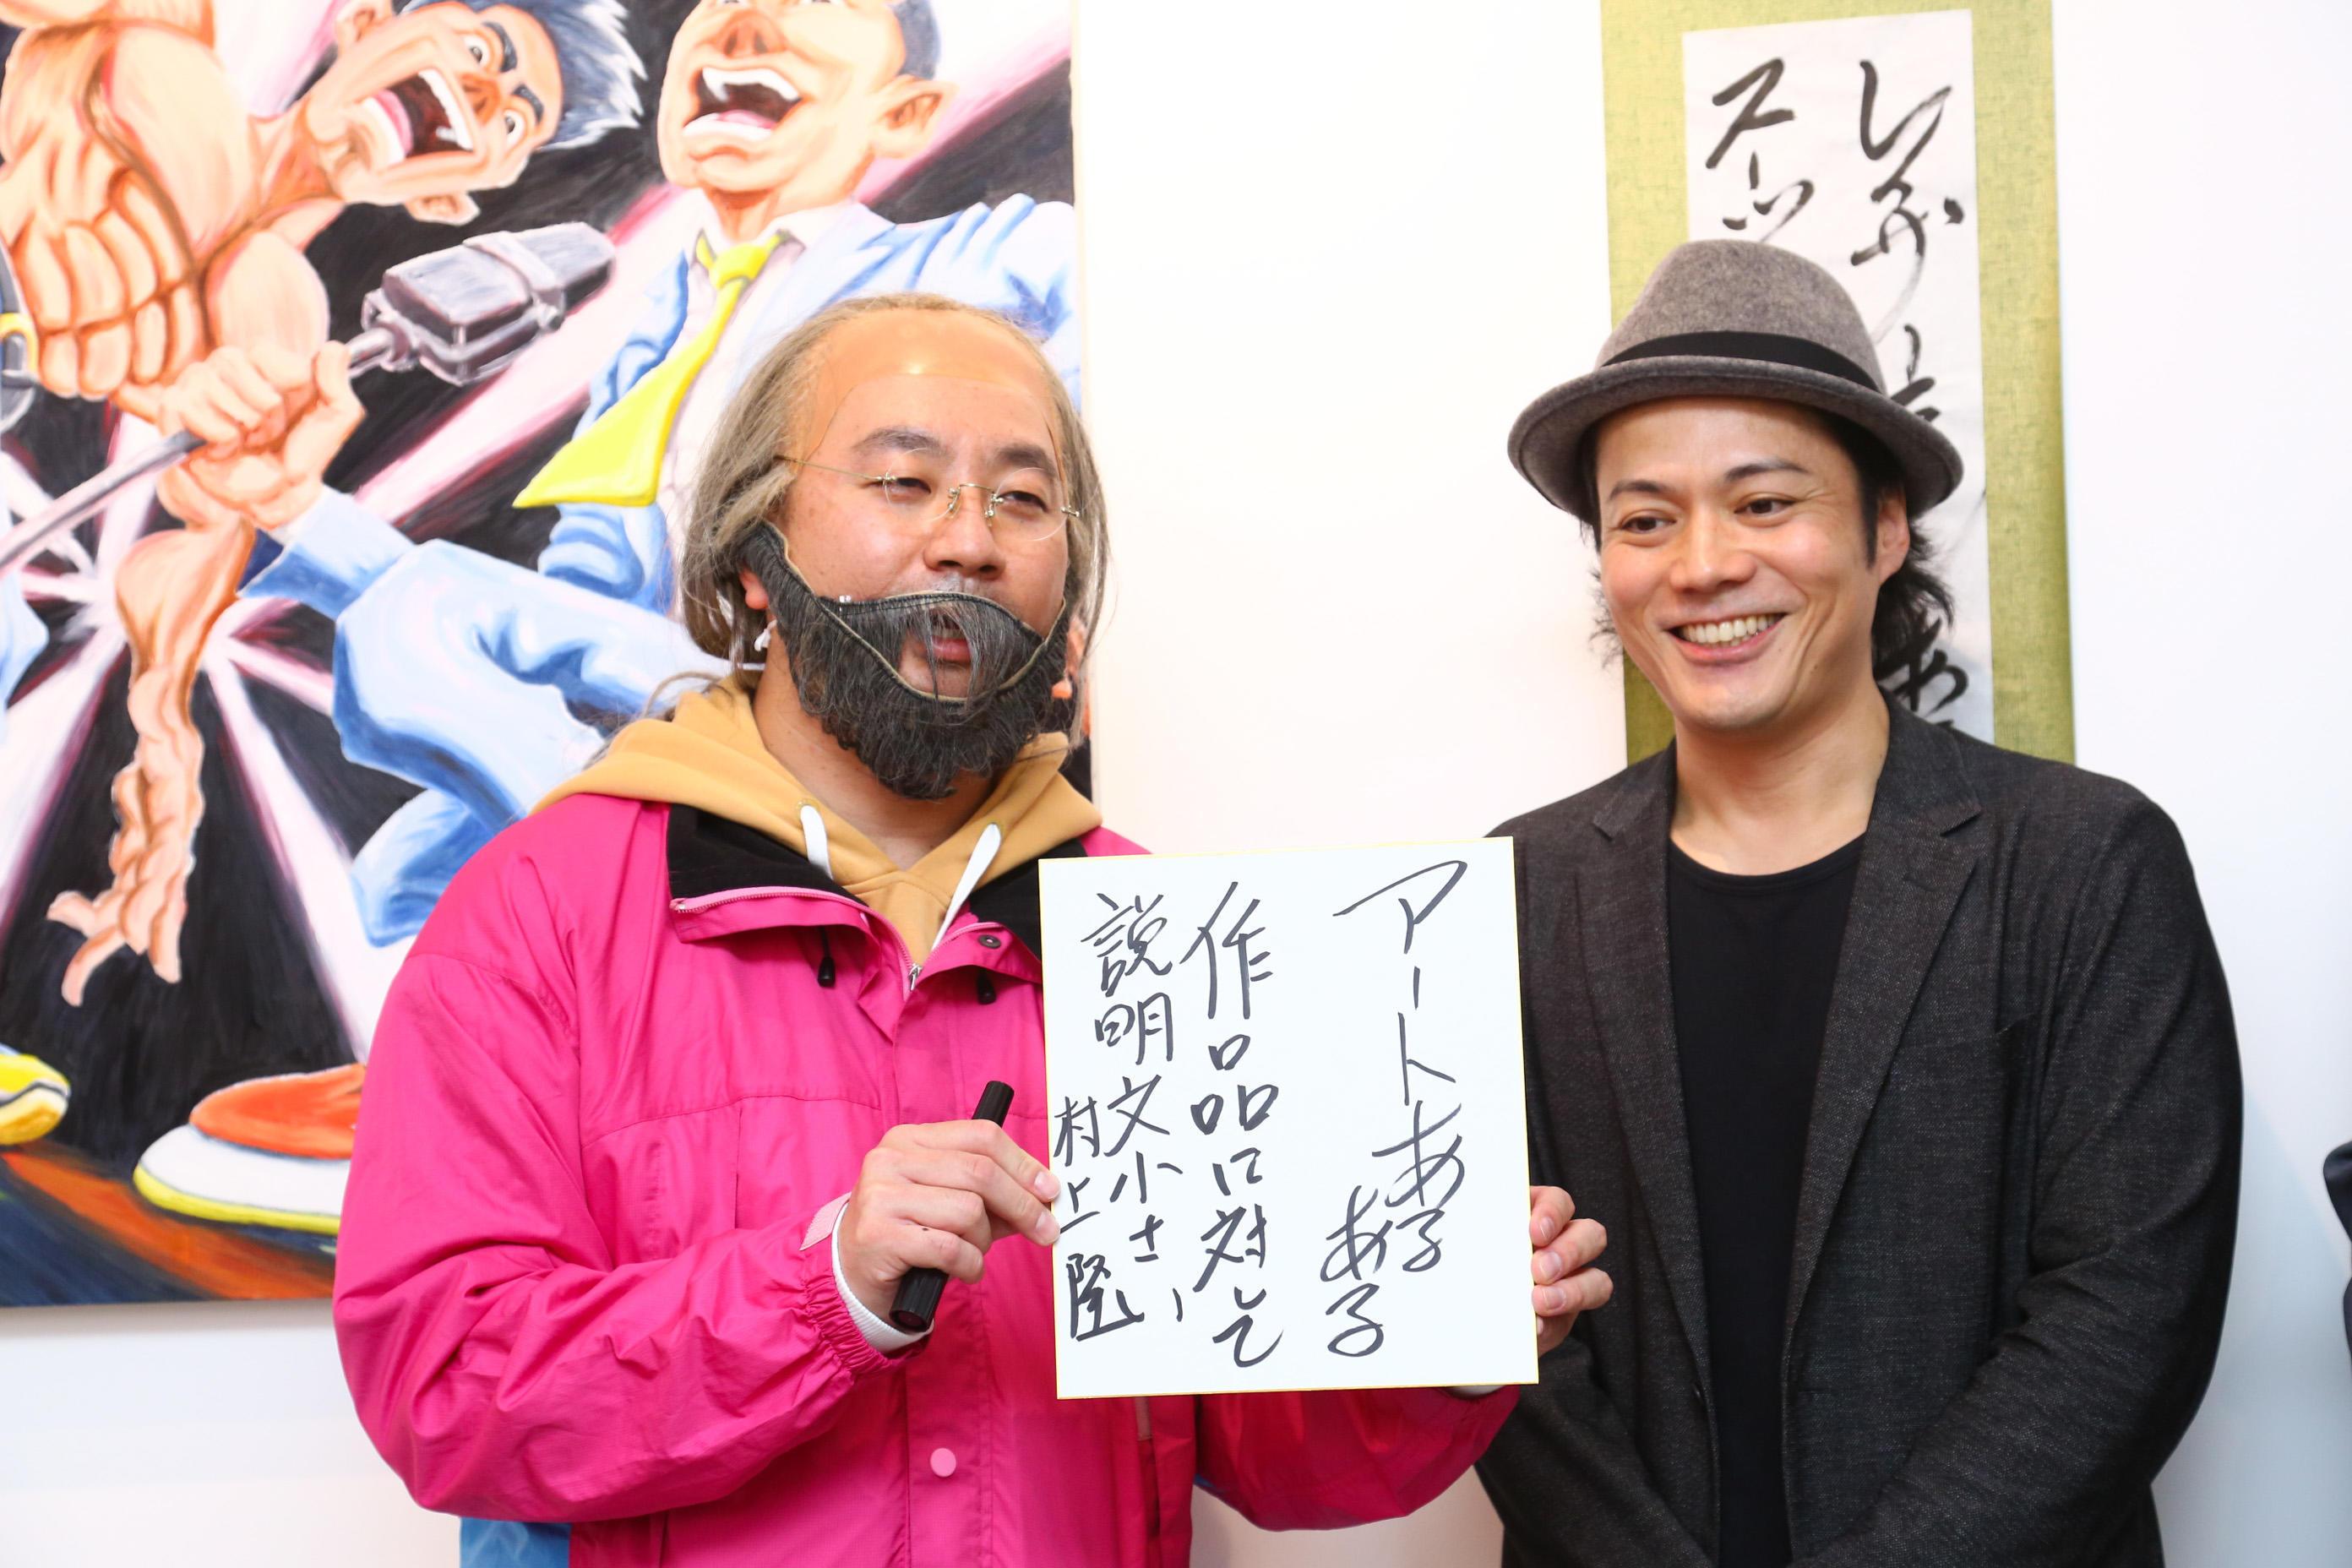 http://news.yoshimoto.co.jp/20190110202744-0e5b41f16e98ef00300b5a170902cea9df42b204.jpg